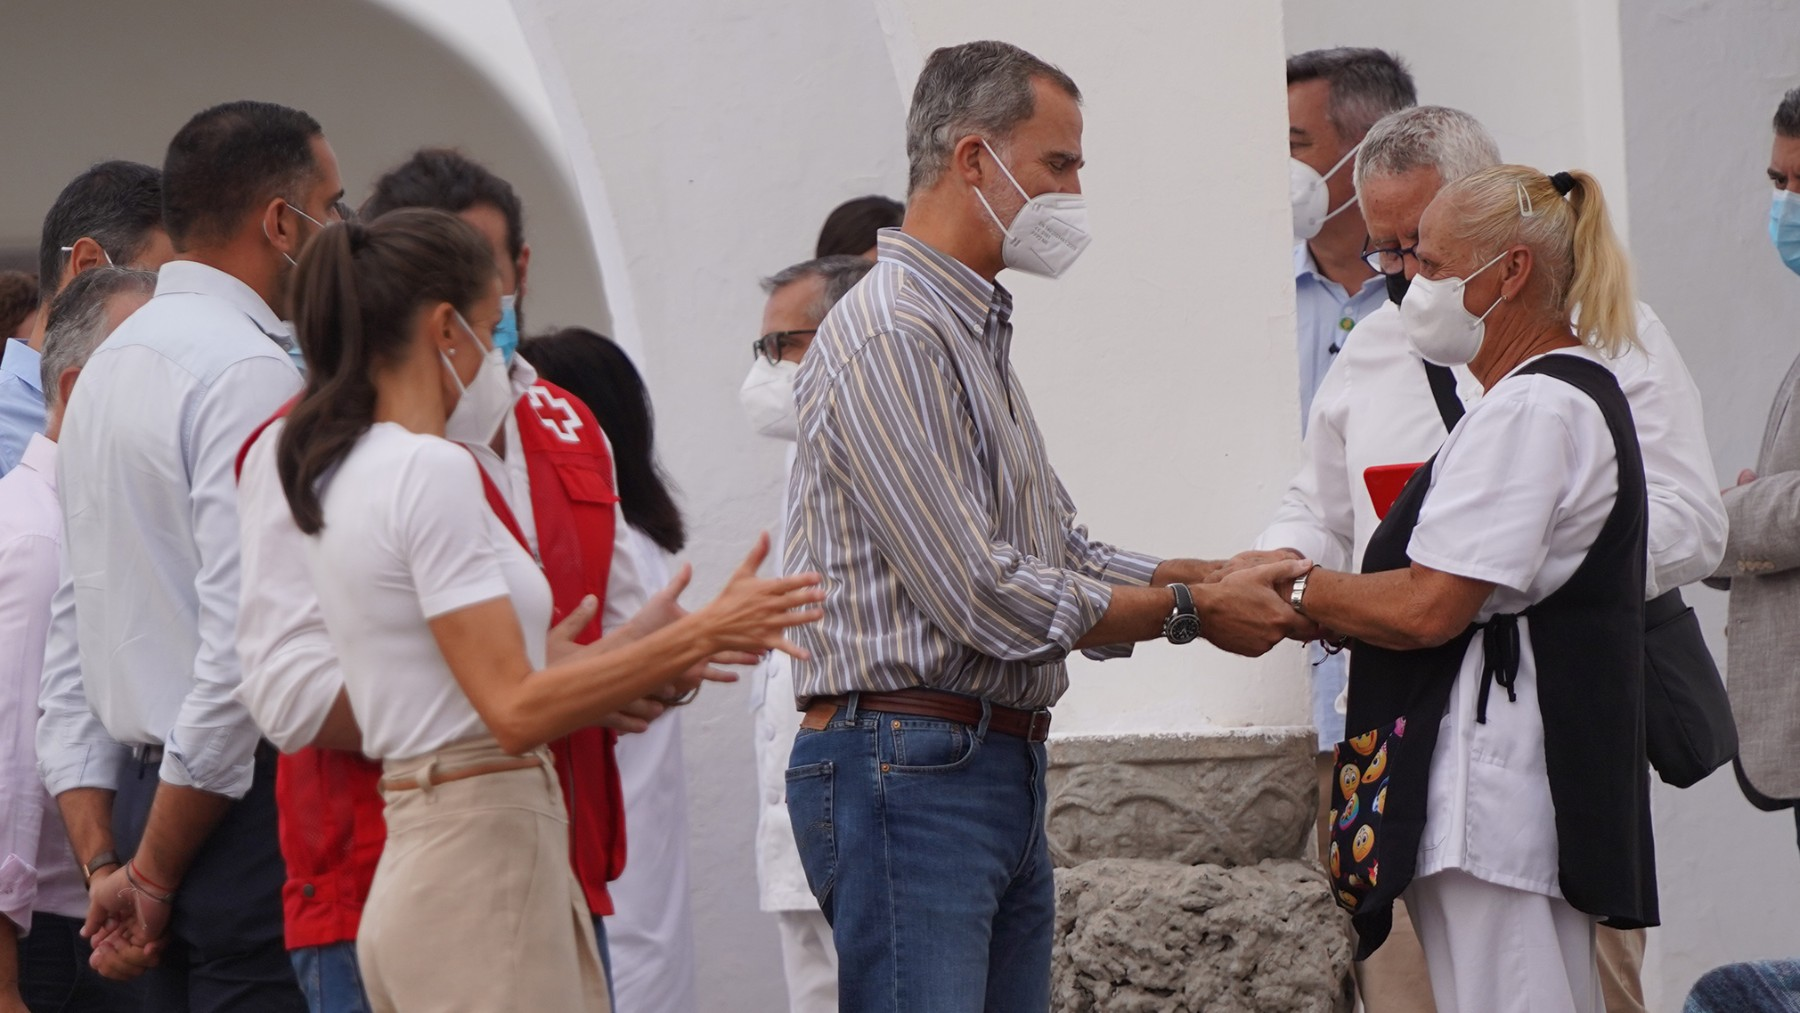 La Reyes conlos vecinos afectados de La Palma. Foto: Europa Press.